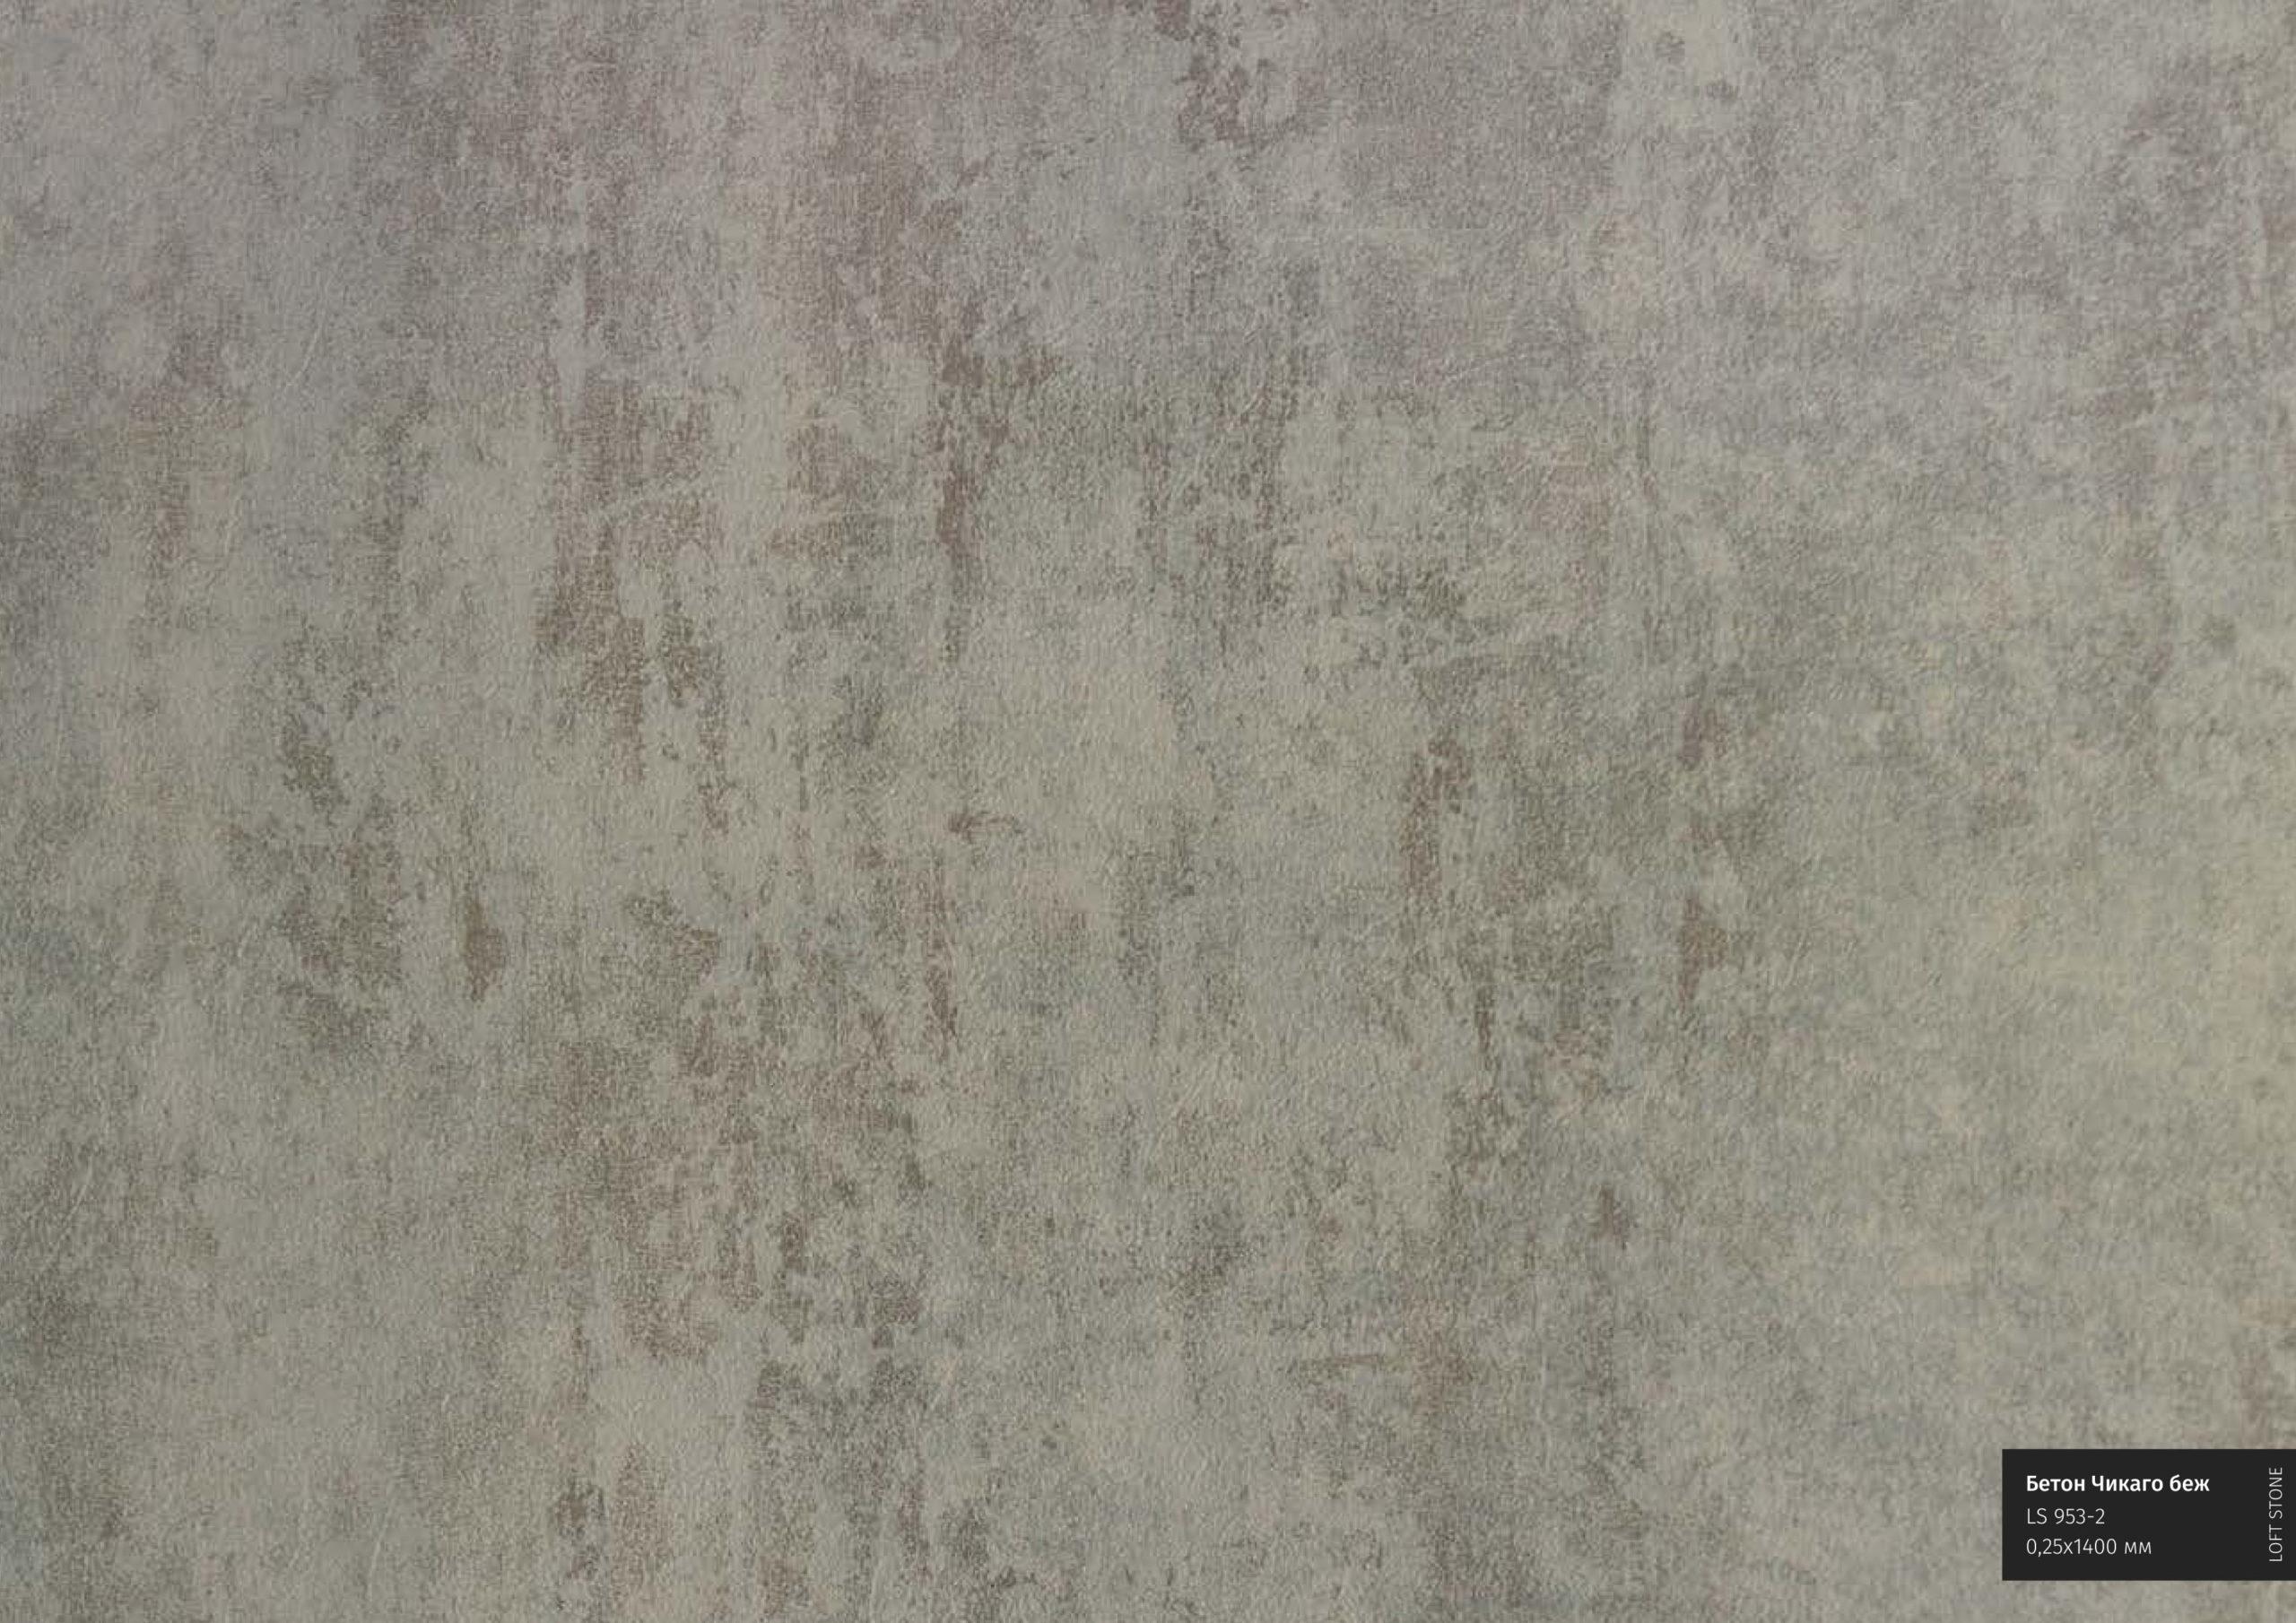 бетон чикаго бежевый